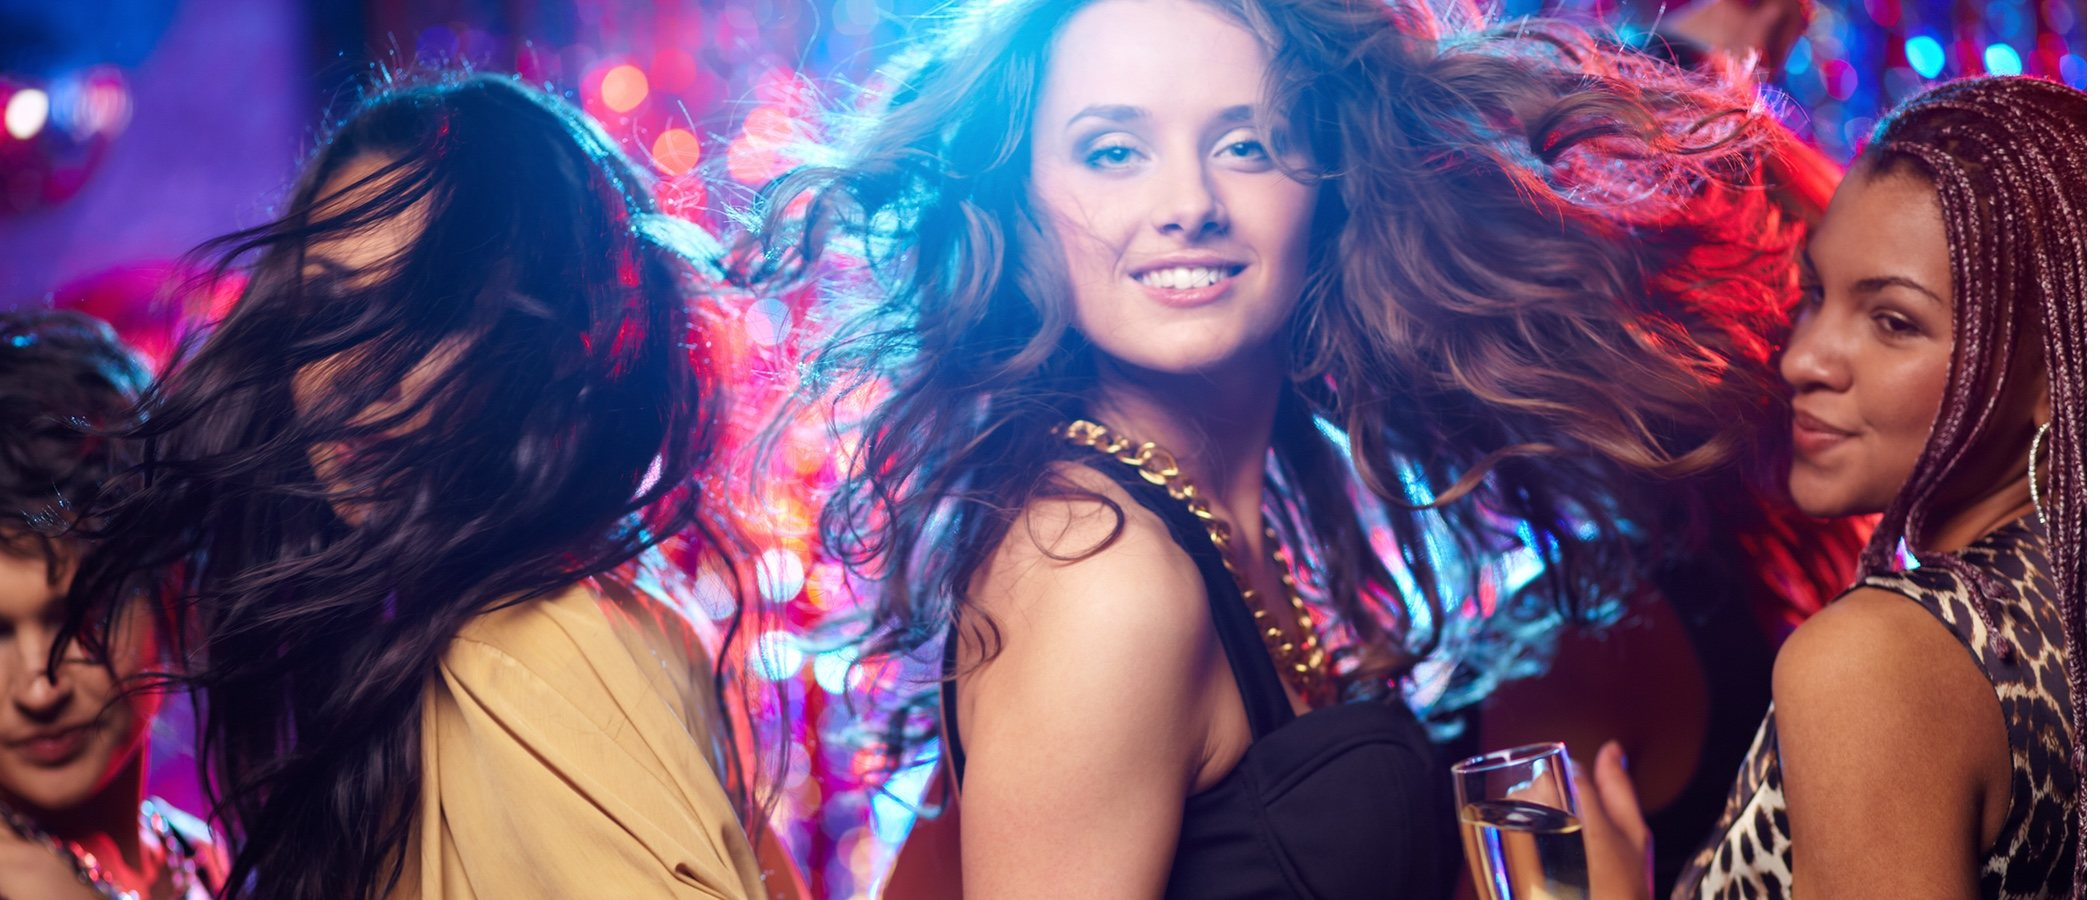 Cómo vestirse para ir a la discoteca: 5 looks para triunfar